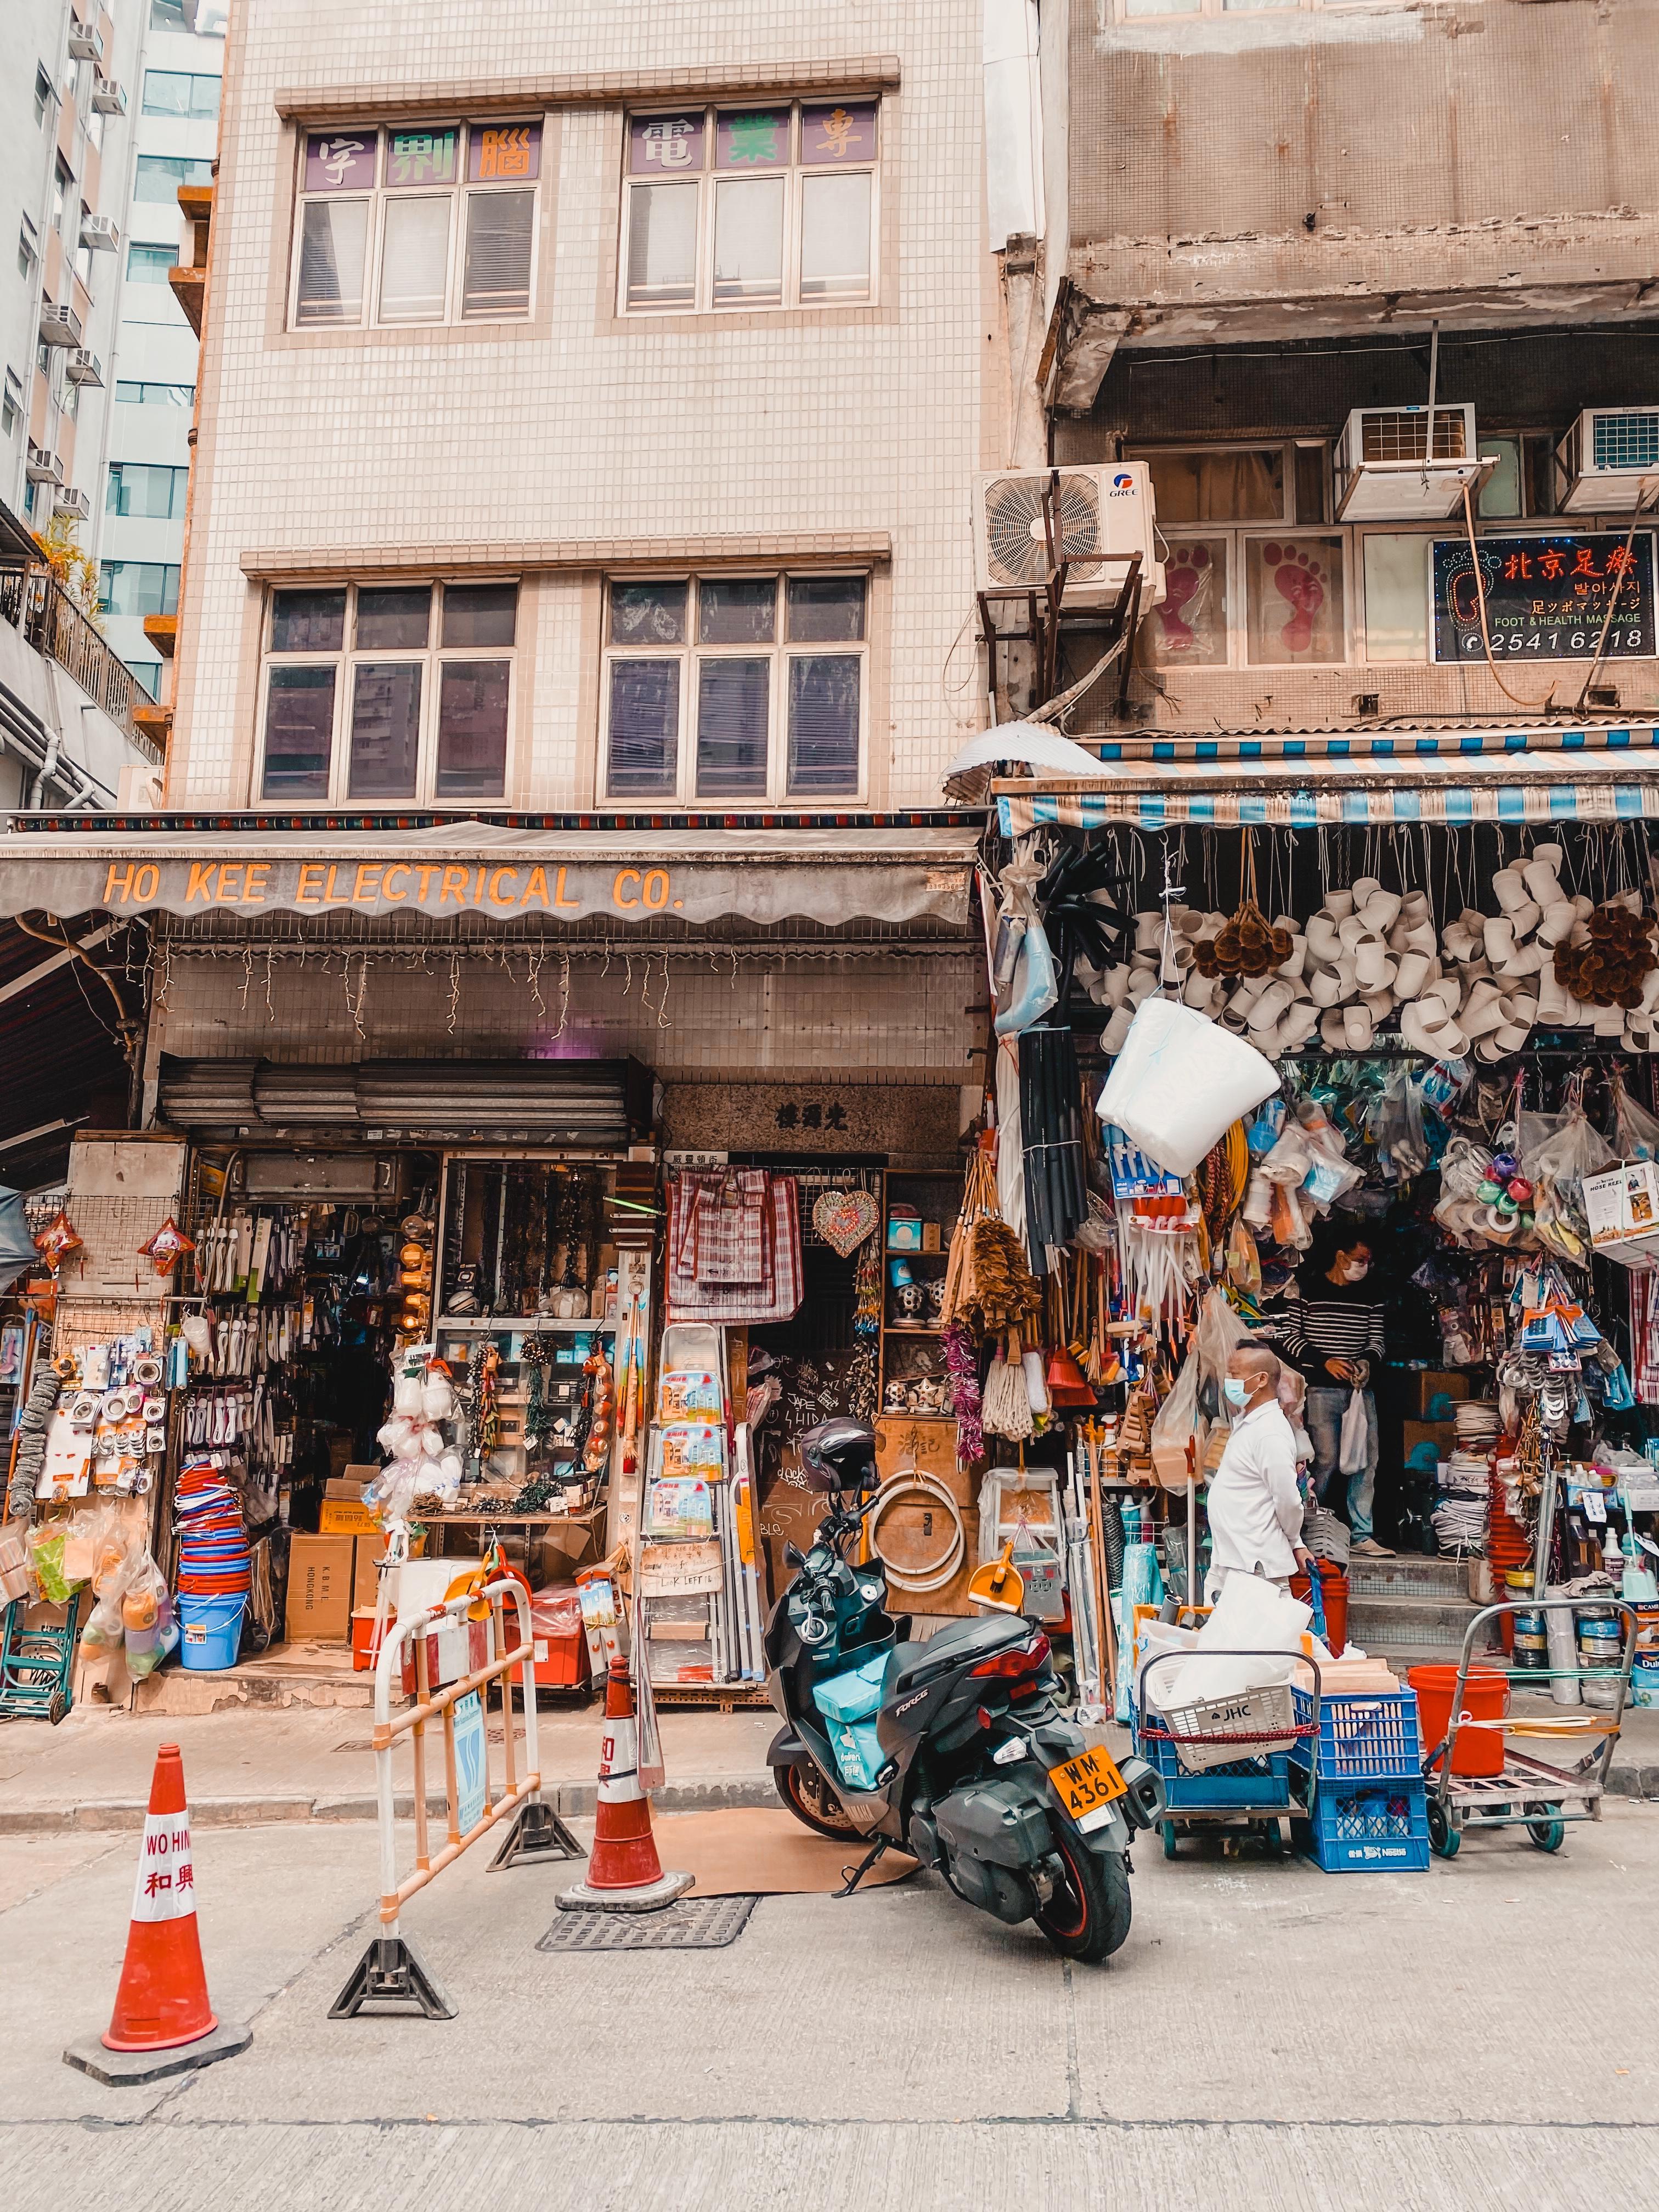 Back streets of Central Hong Kong